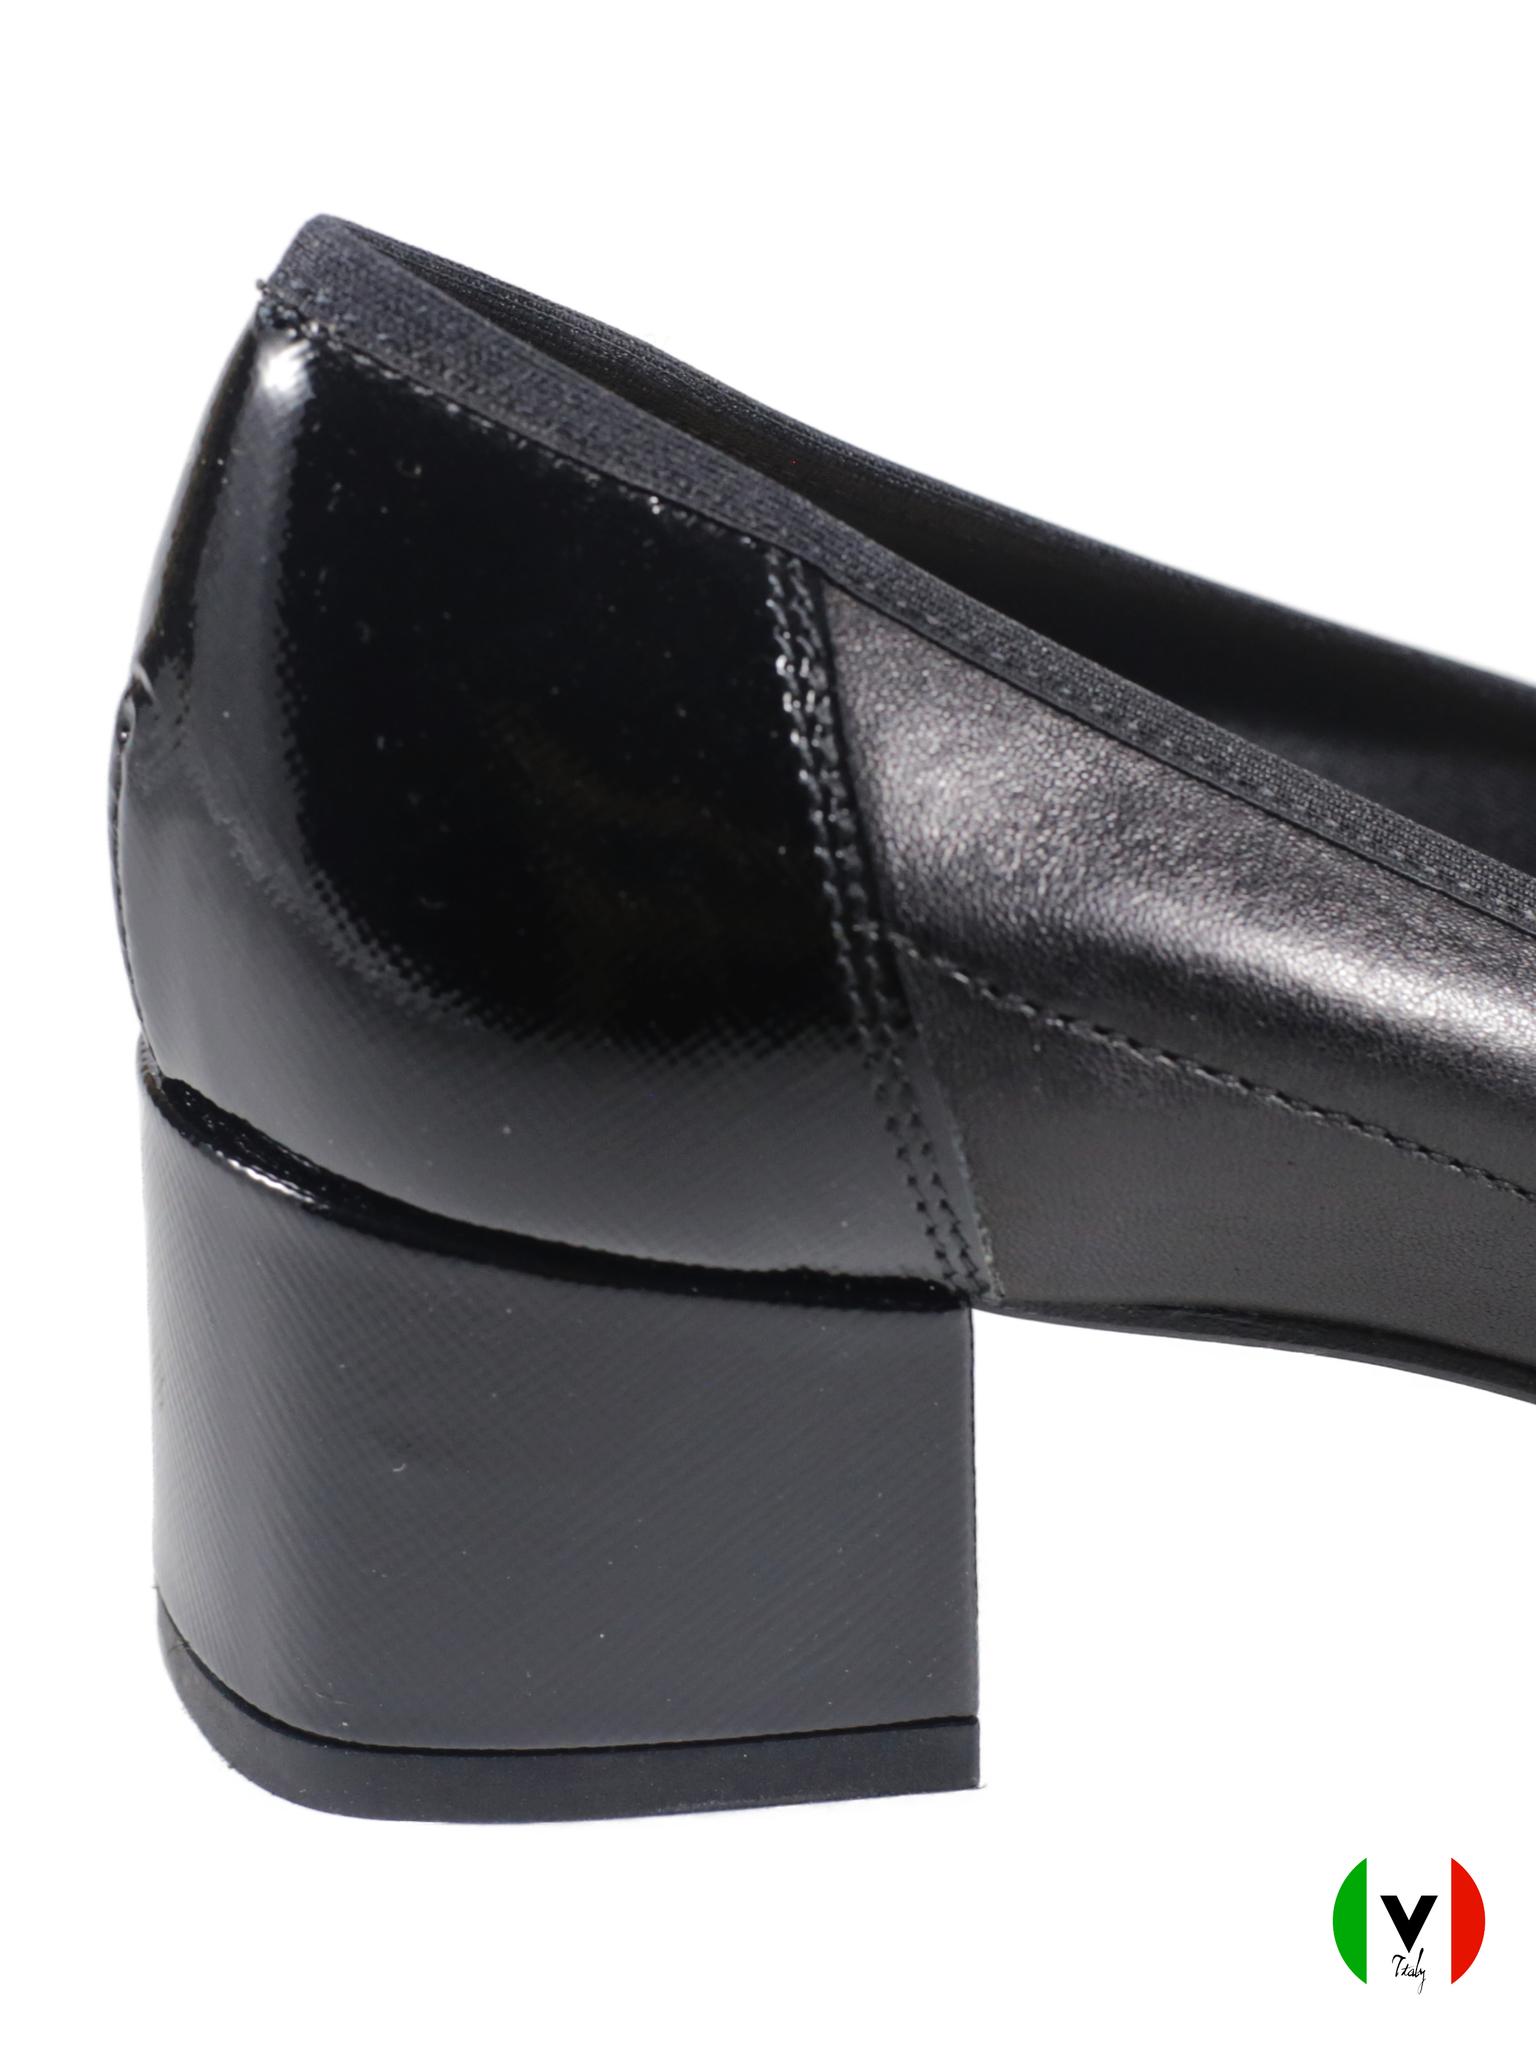 Осенние туфли Napoleoni каблук 3 см 4123, артикул 4123, сезон осень, цвет чёрный, материал кожа, цена 7 000 руб., veroitaly.ru